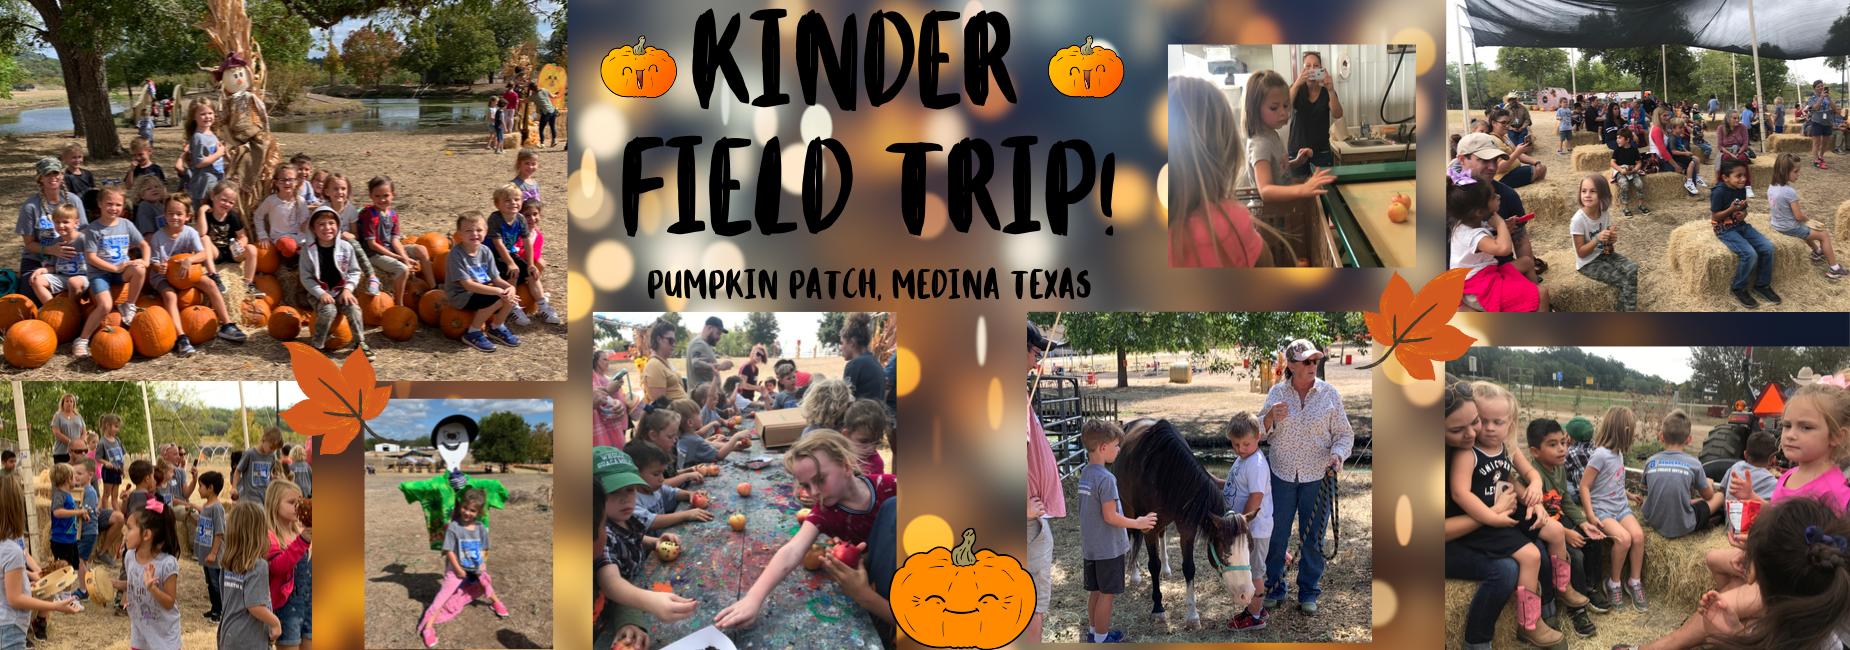 Kinder Field Trip